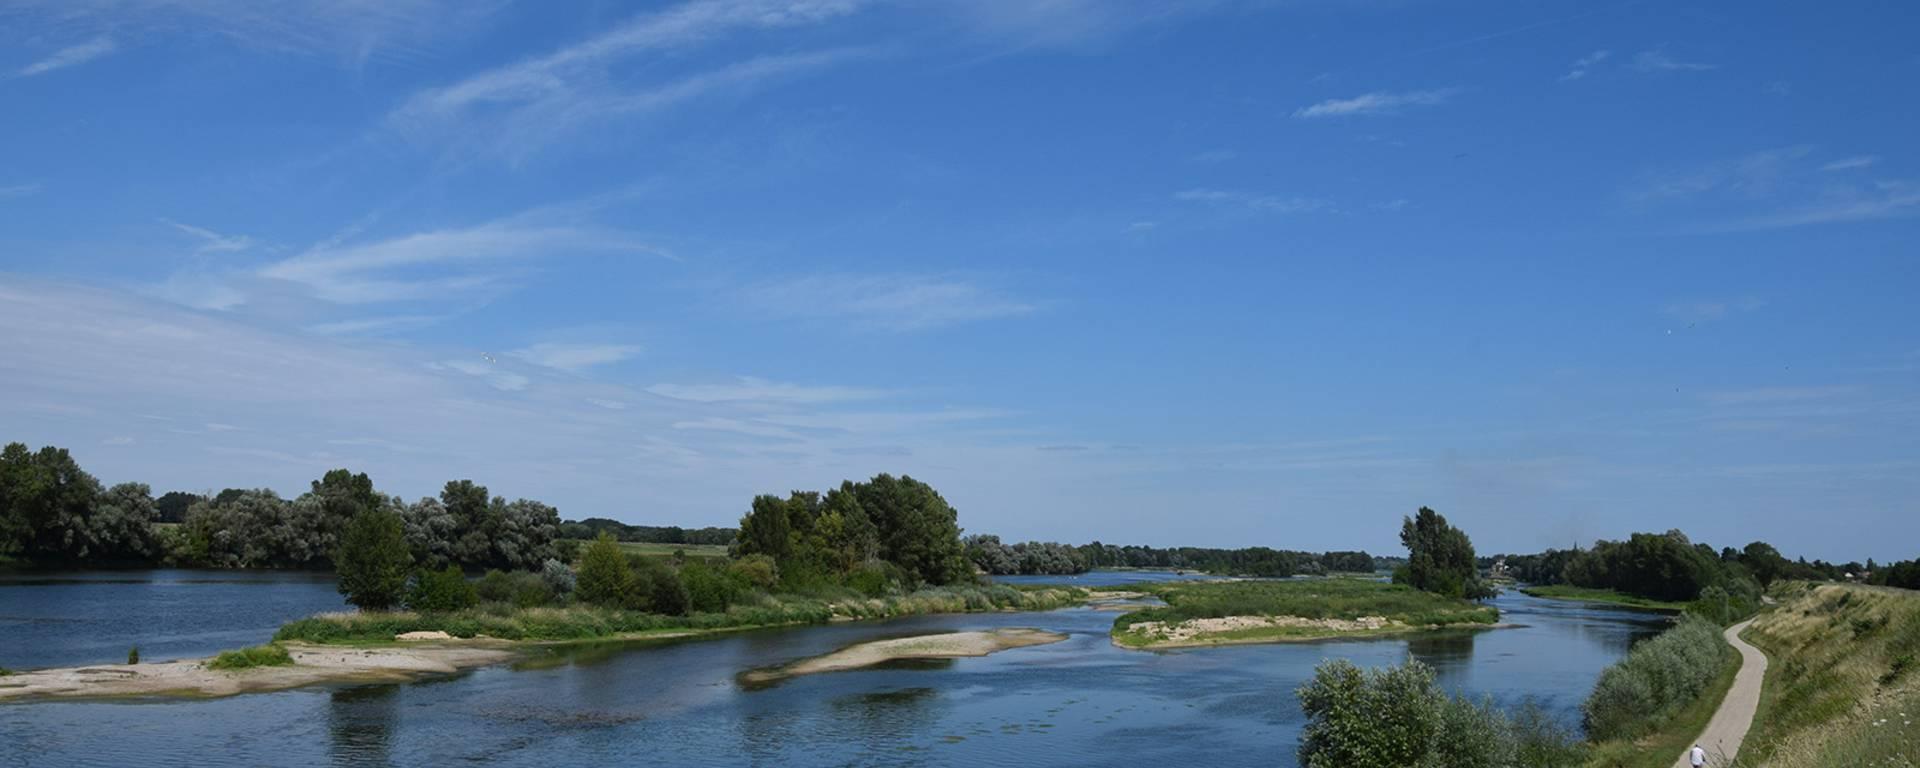 La Loire, fleuve sauvage à Saint-Dyé-sur-Loire.